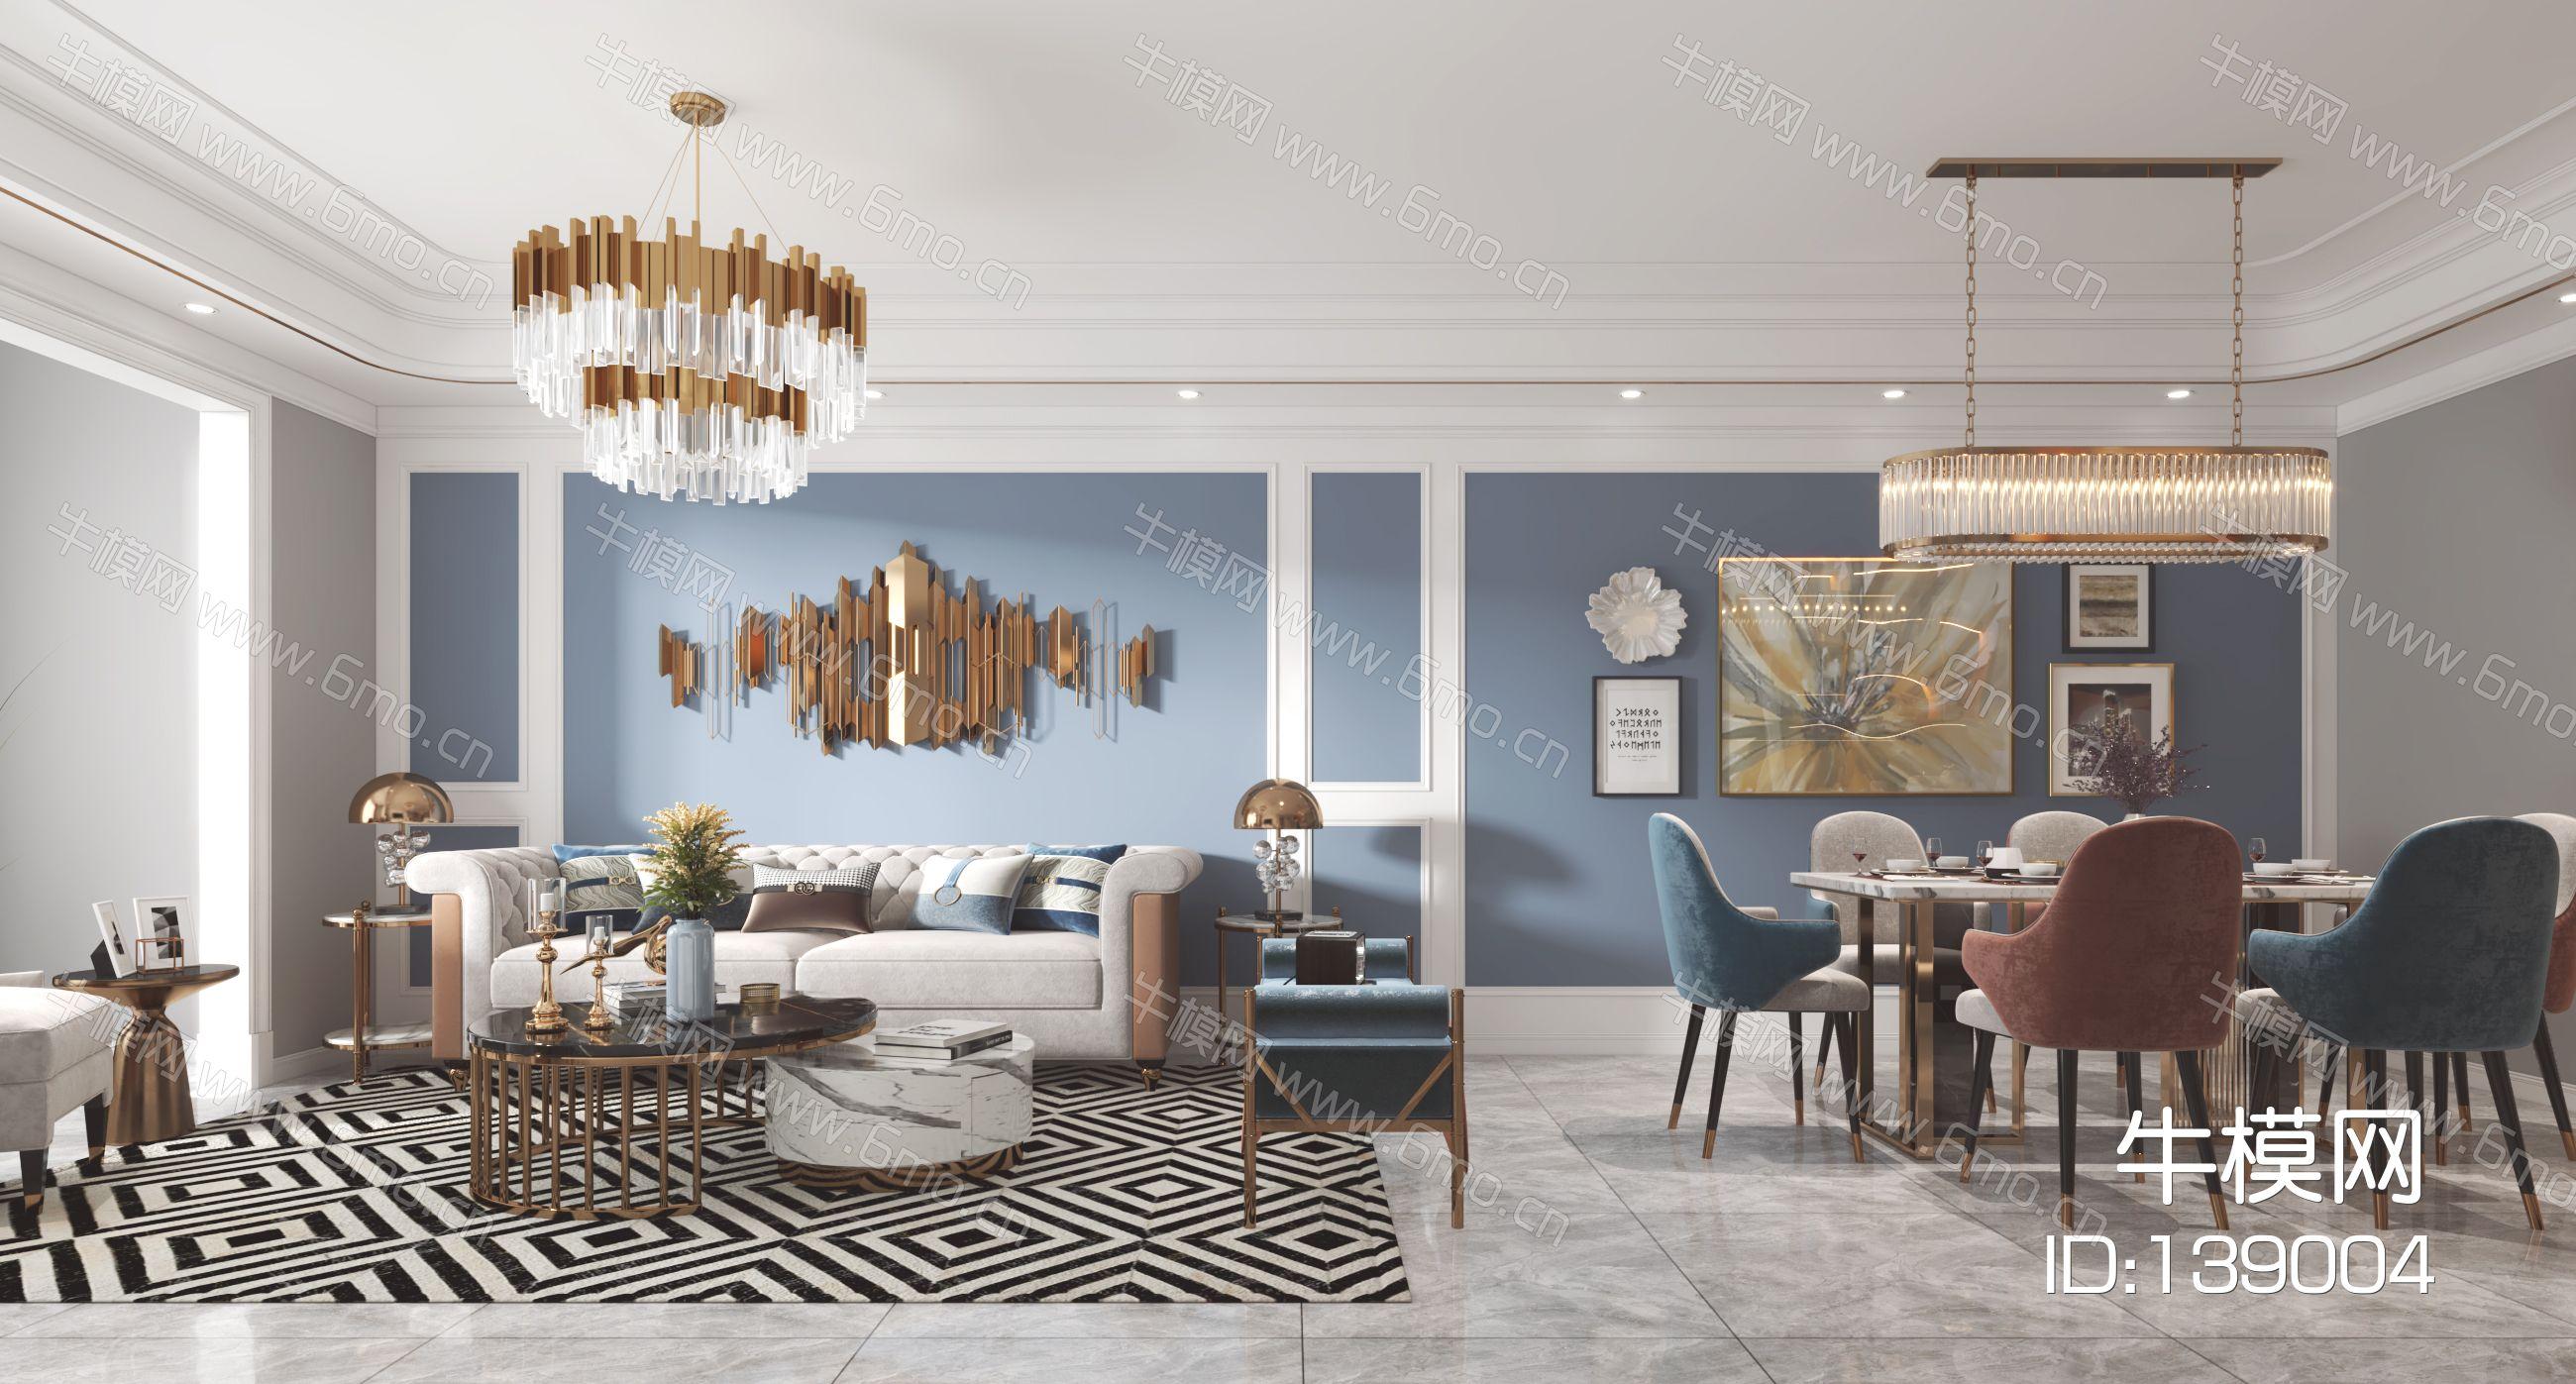 简欧客厅餐厅,沙发,餐桌,电视柜,酒柜,吊灯,装饰画